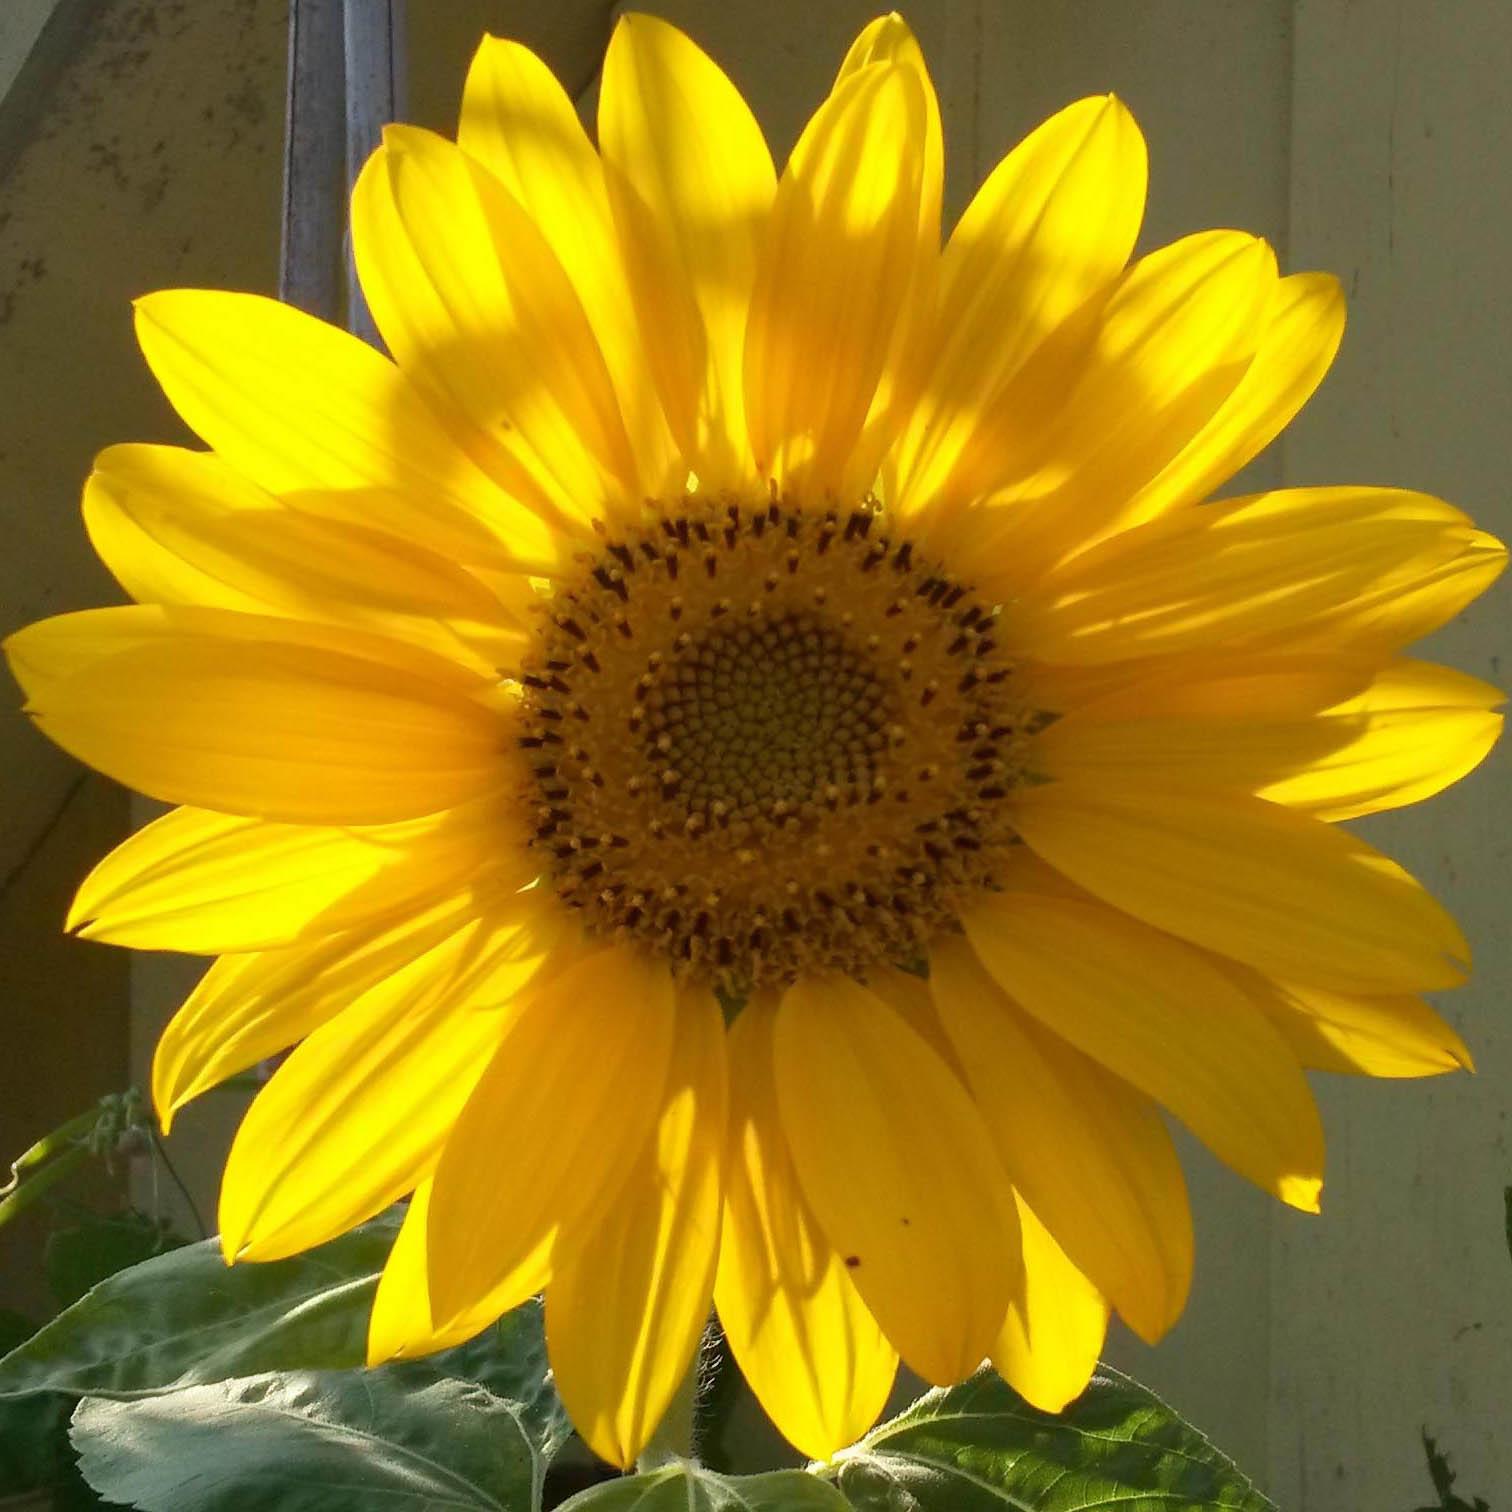 Sonnenblume-Körperzentrum